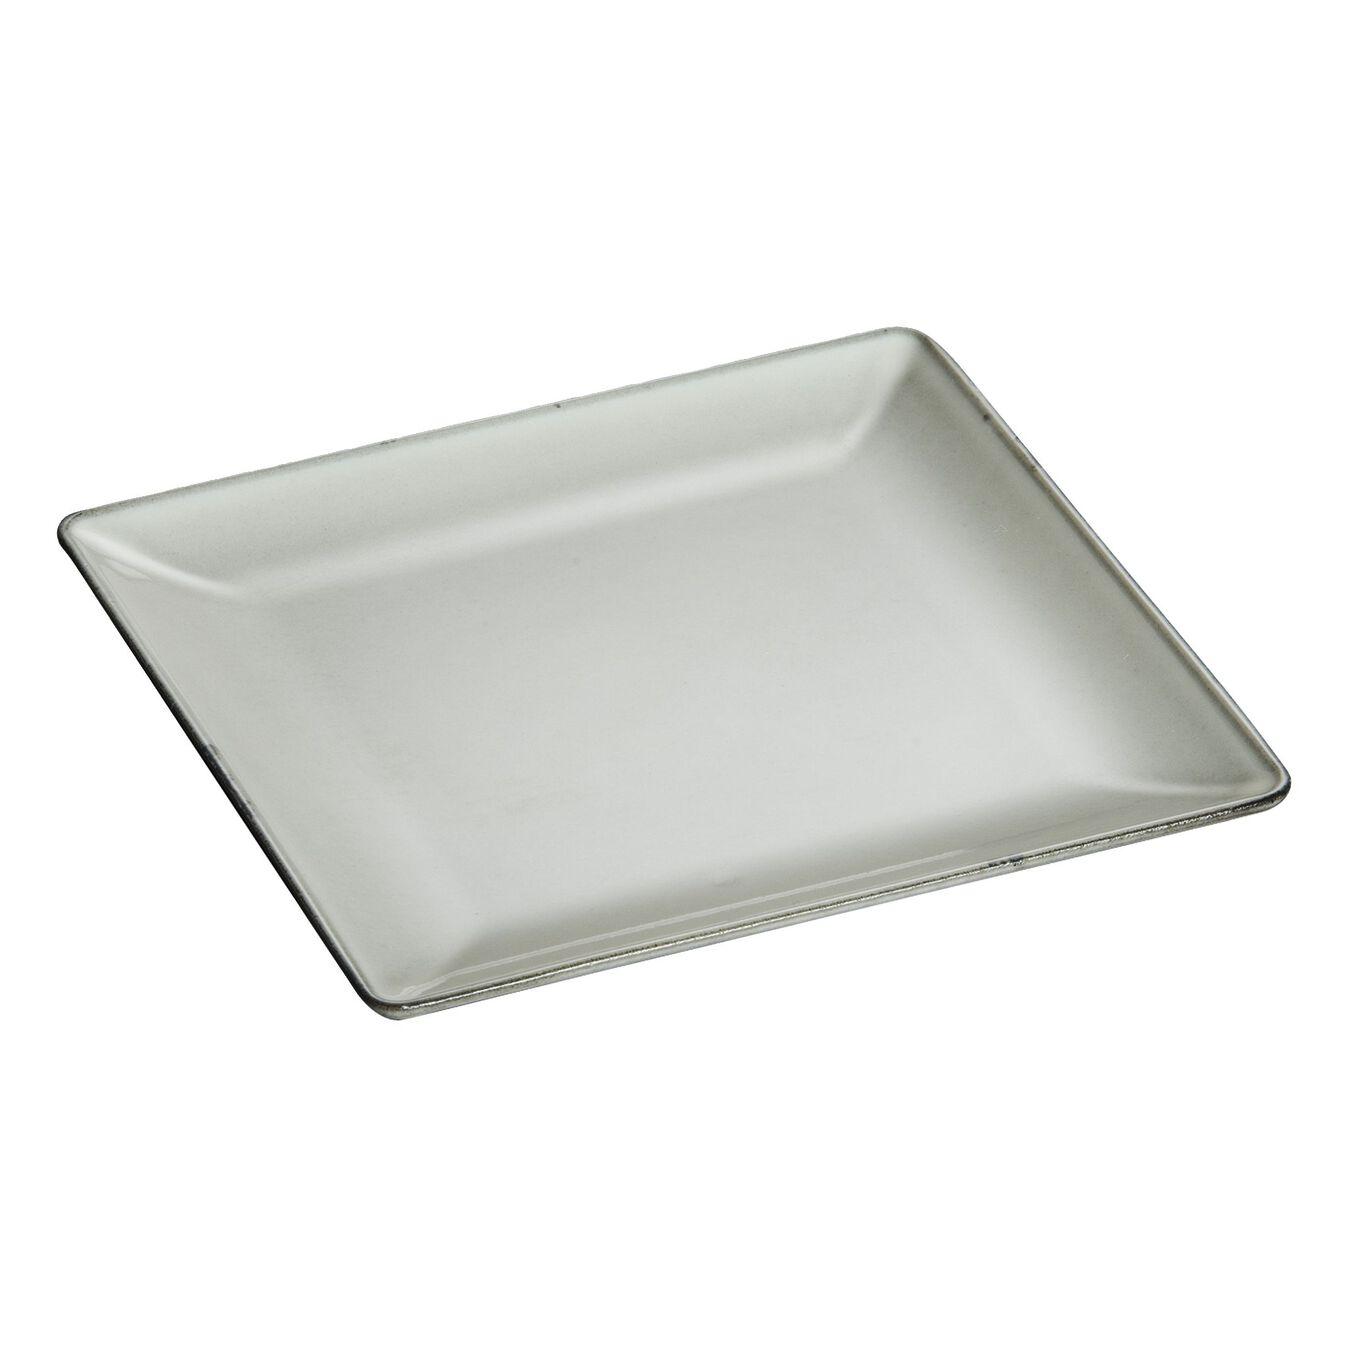 Assiette 24 cm x 24 cm, Gris graphite, Fonte,,large 2